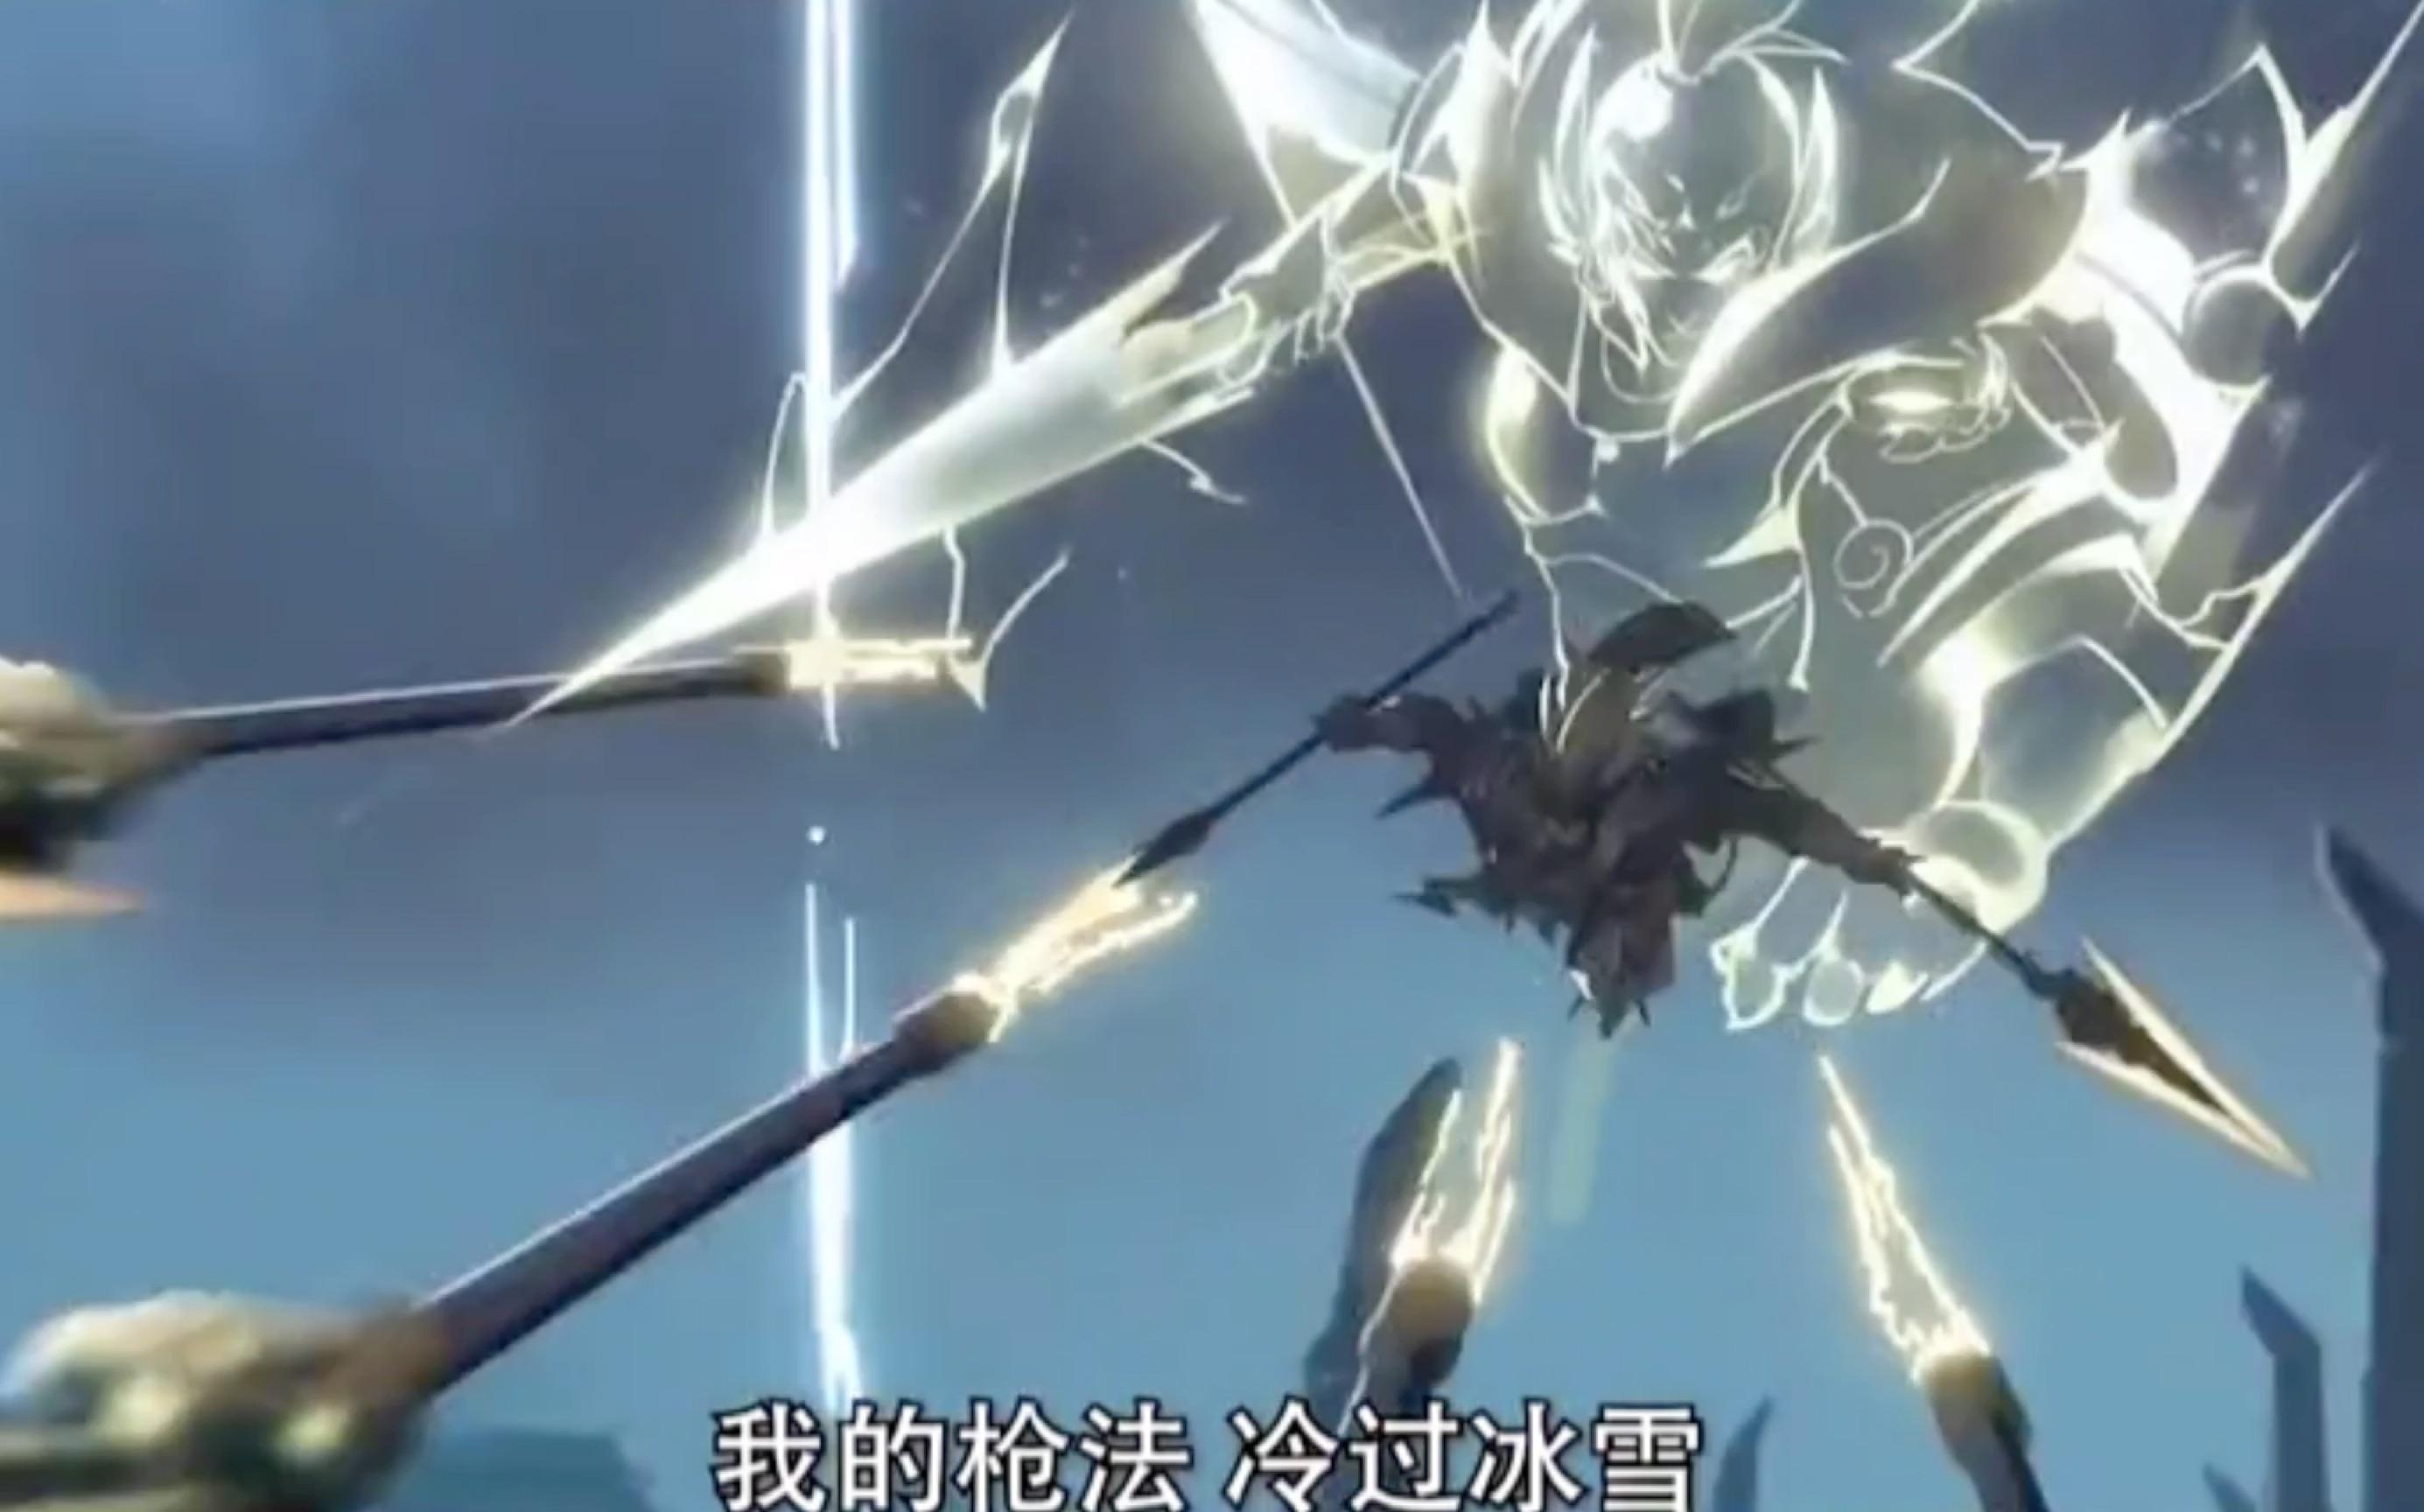 【王者荣耀】马超:我的枪法,冷若冰雪